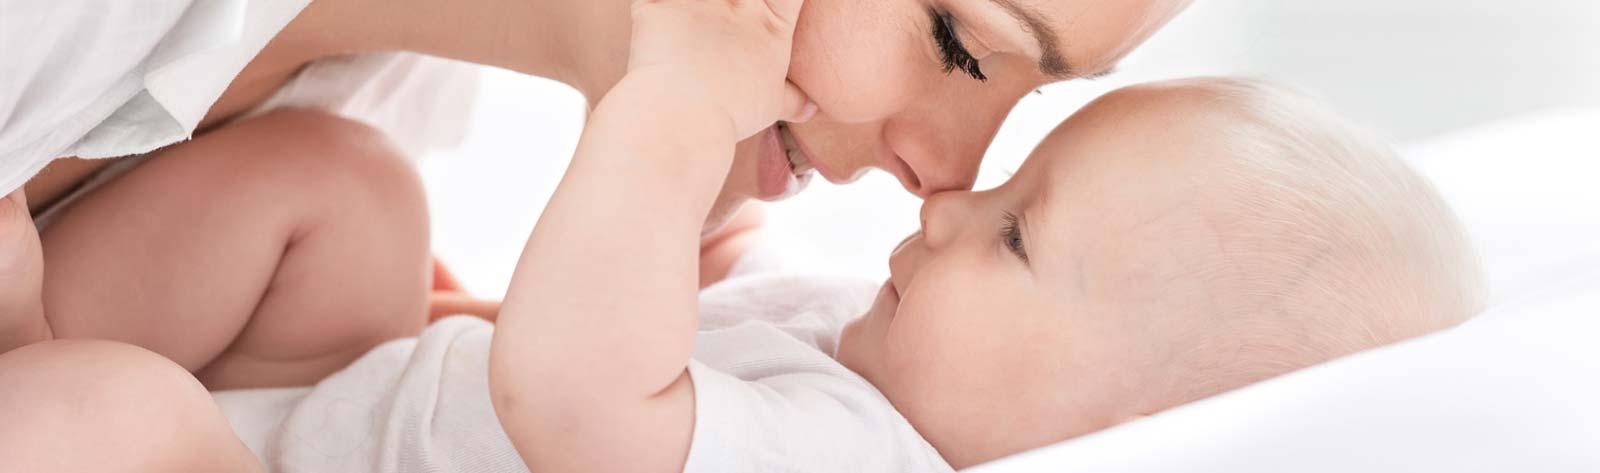 Implanty piersi – przed czy po ciąży?